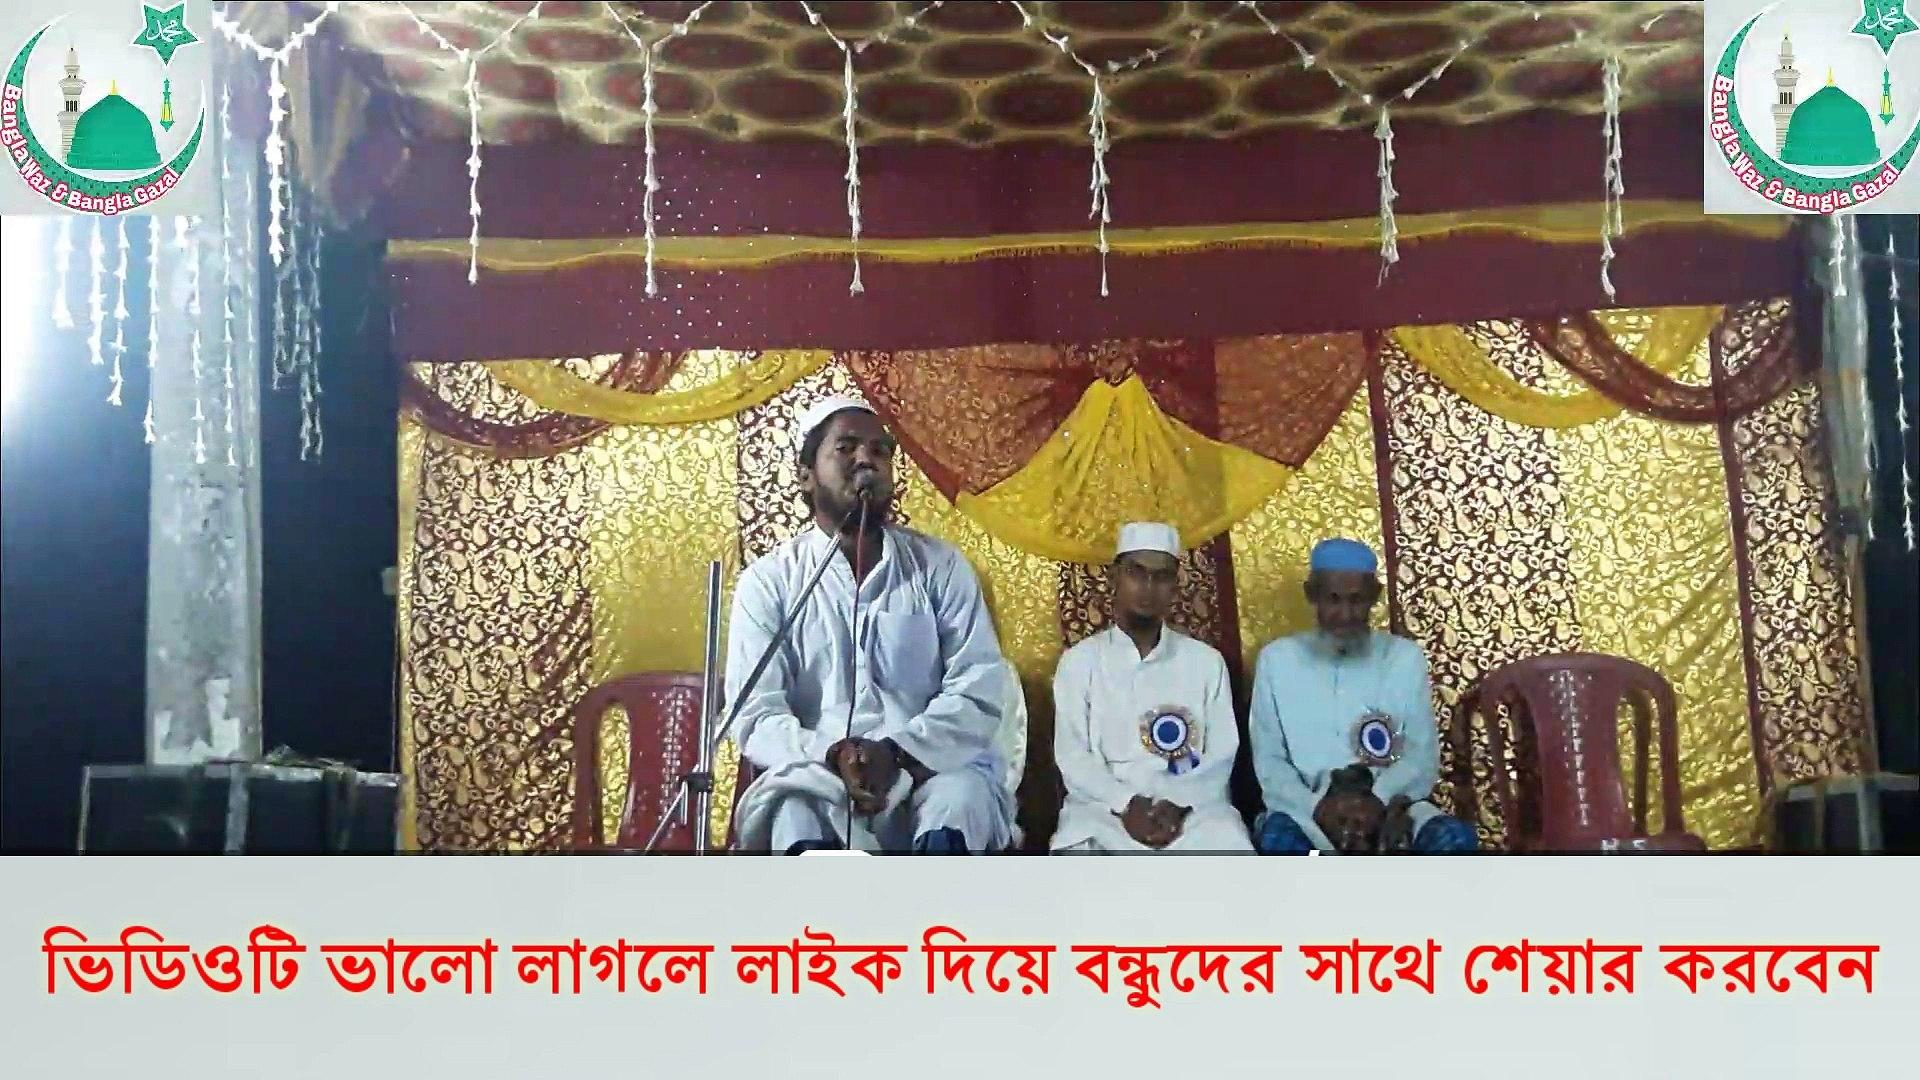 ও মোমেনা বাংলা গজল | O Momena Bangla Gazal